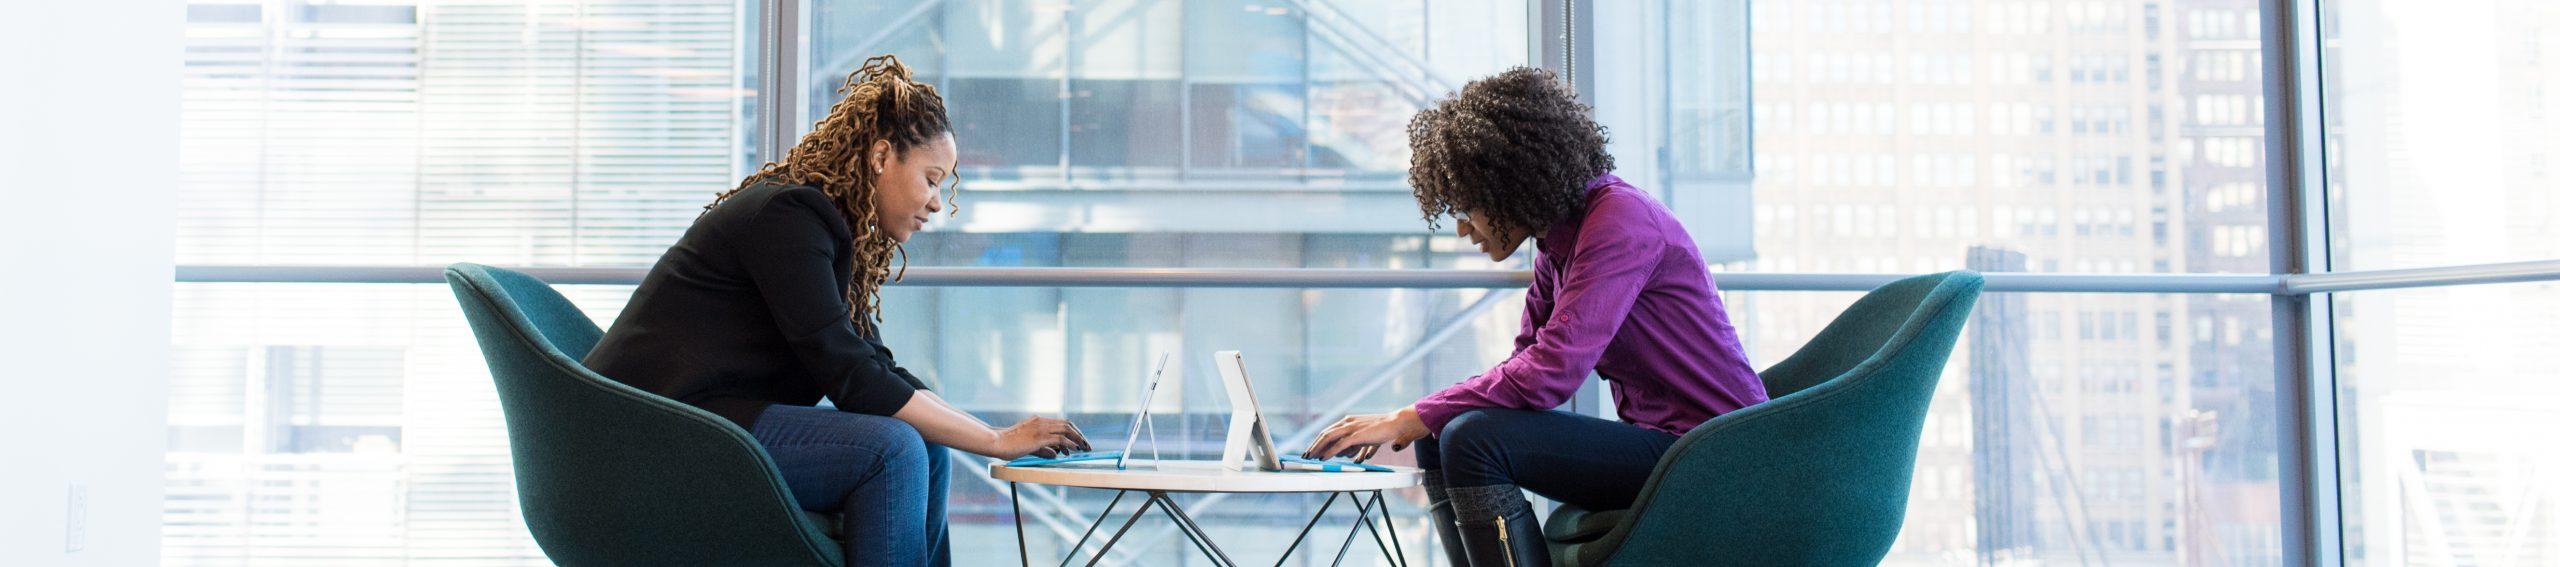 Two black women on laptops